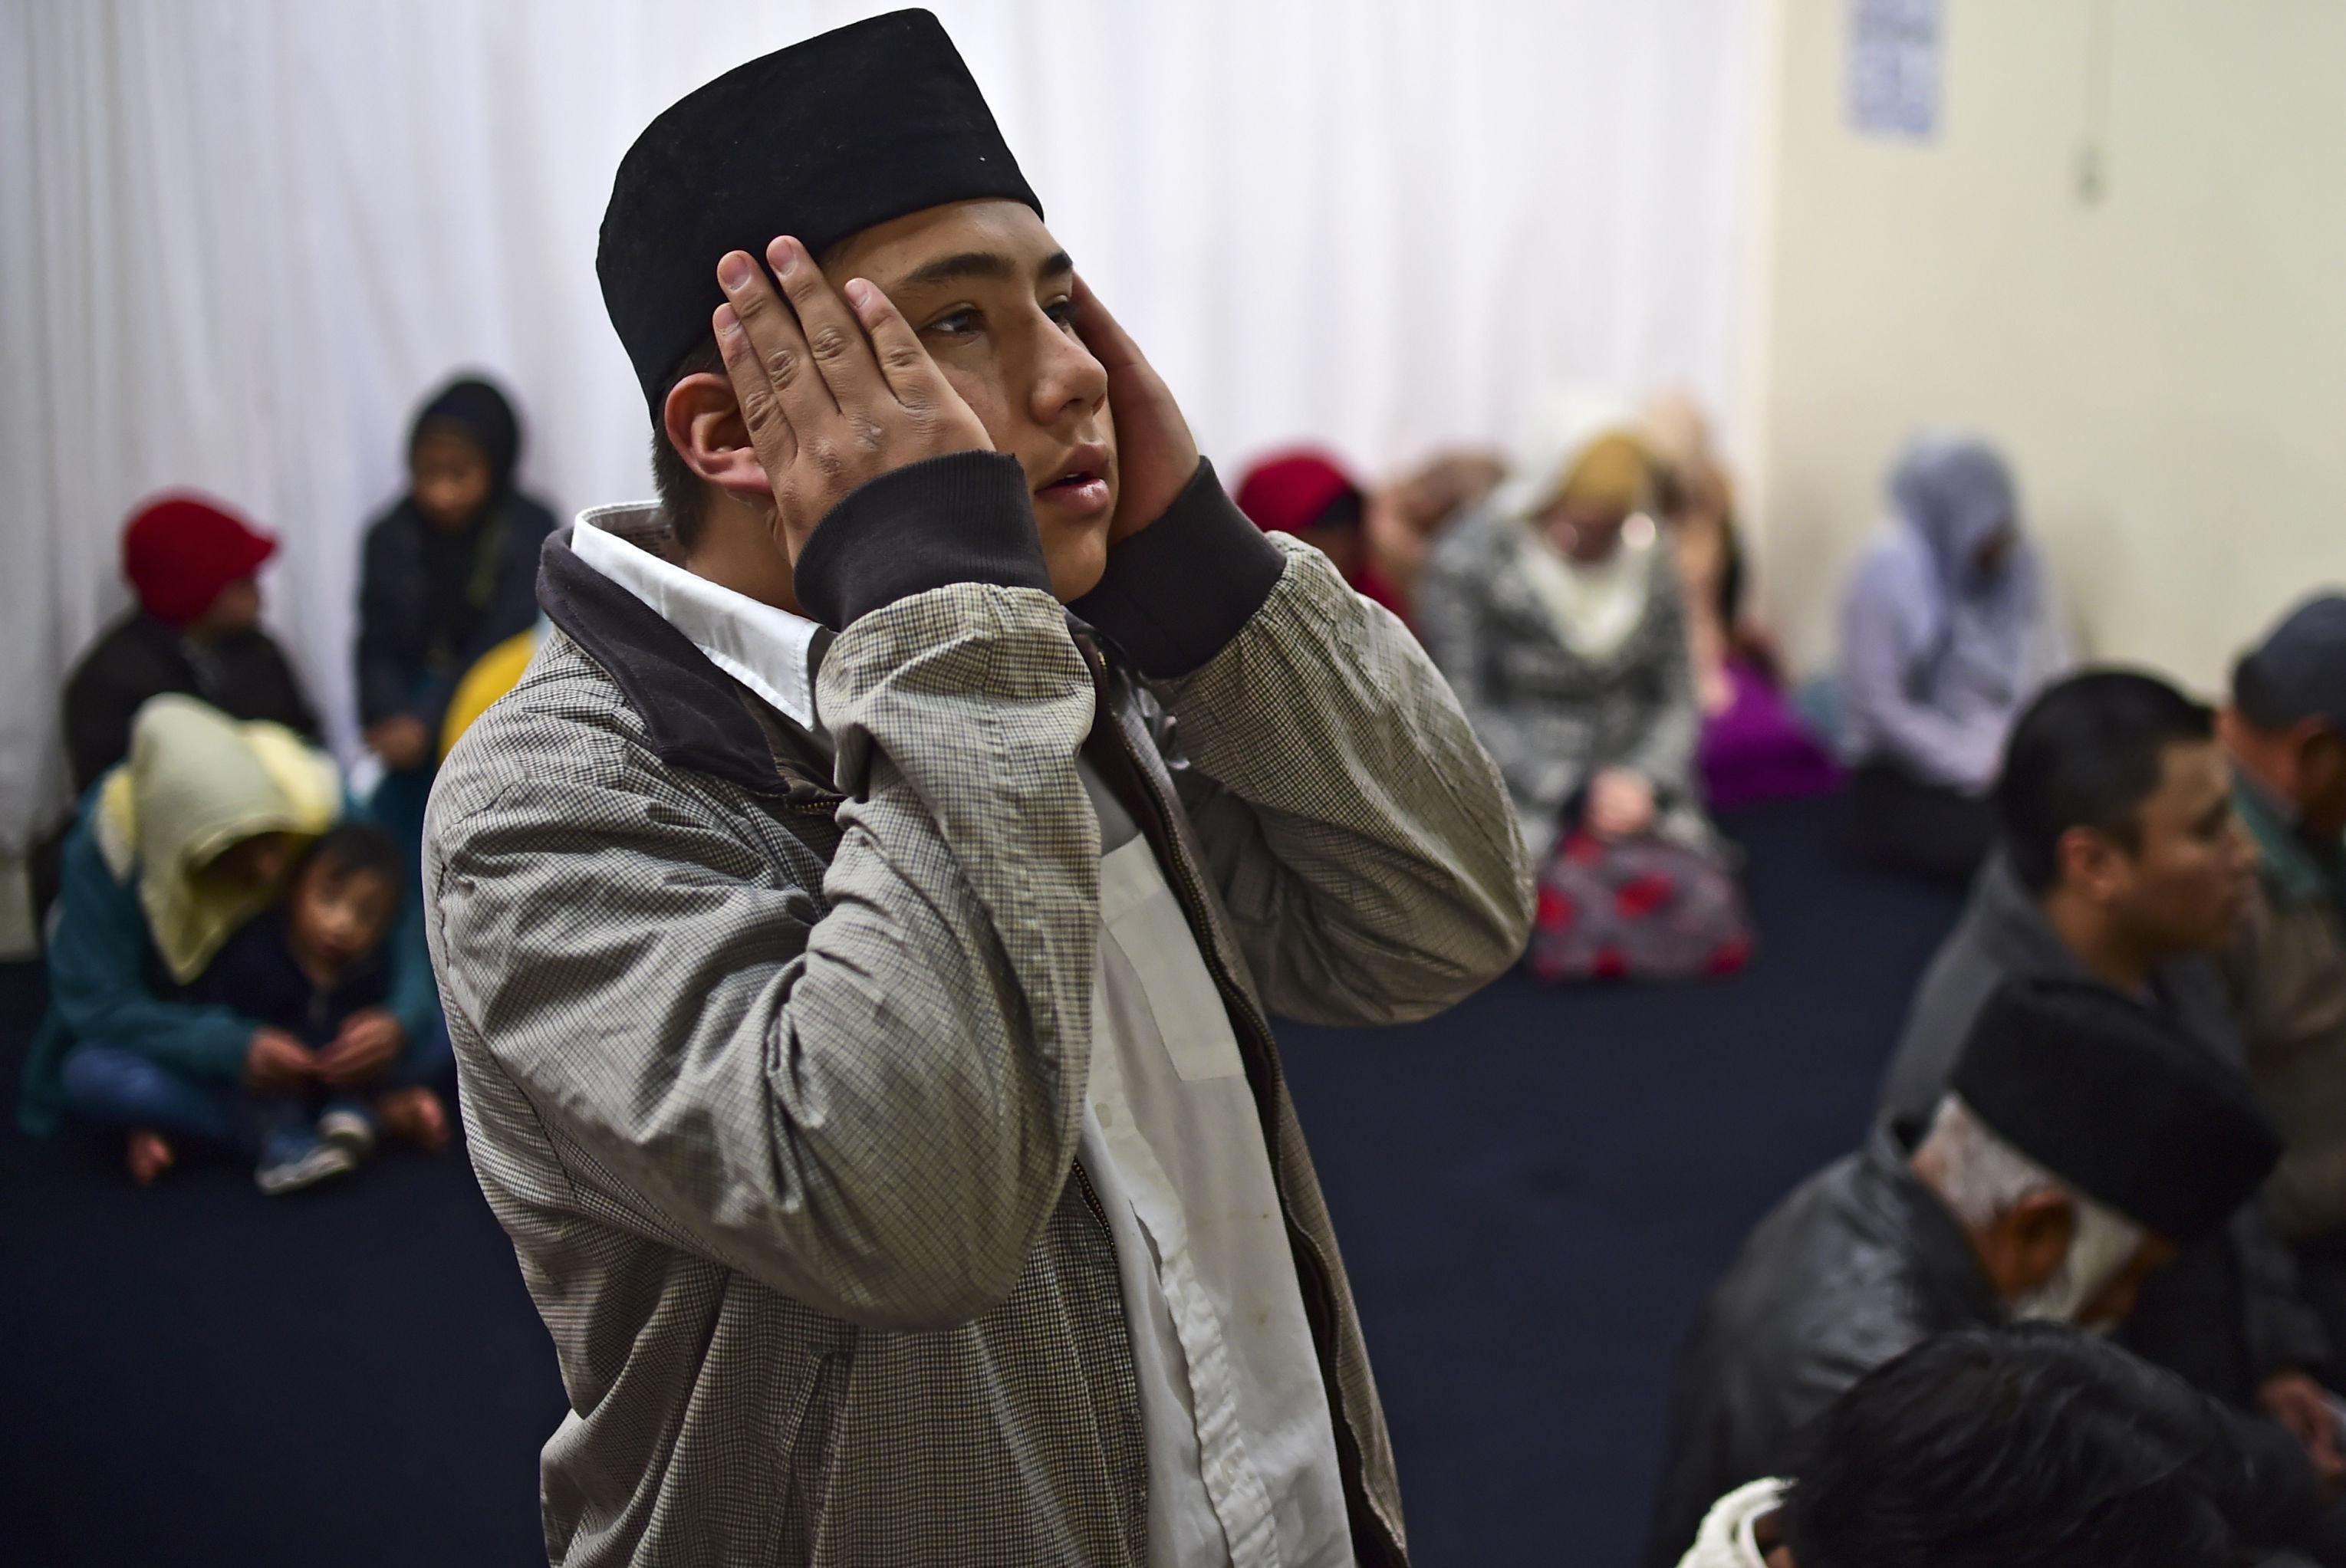 Muslim ve městě San Cristobál